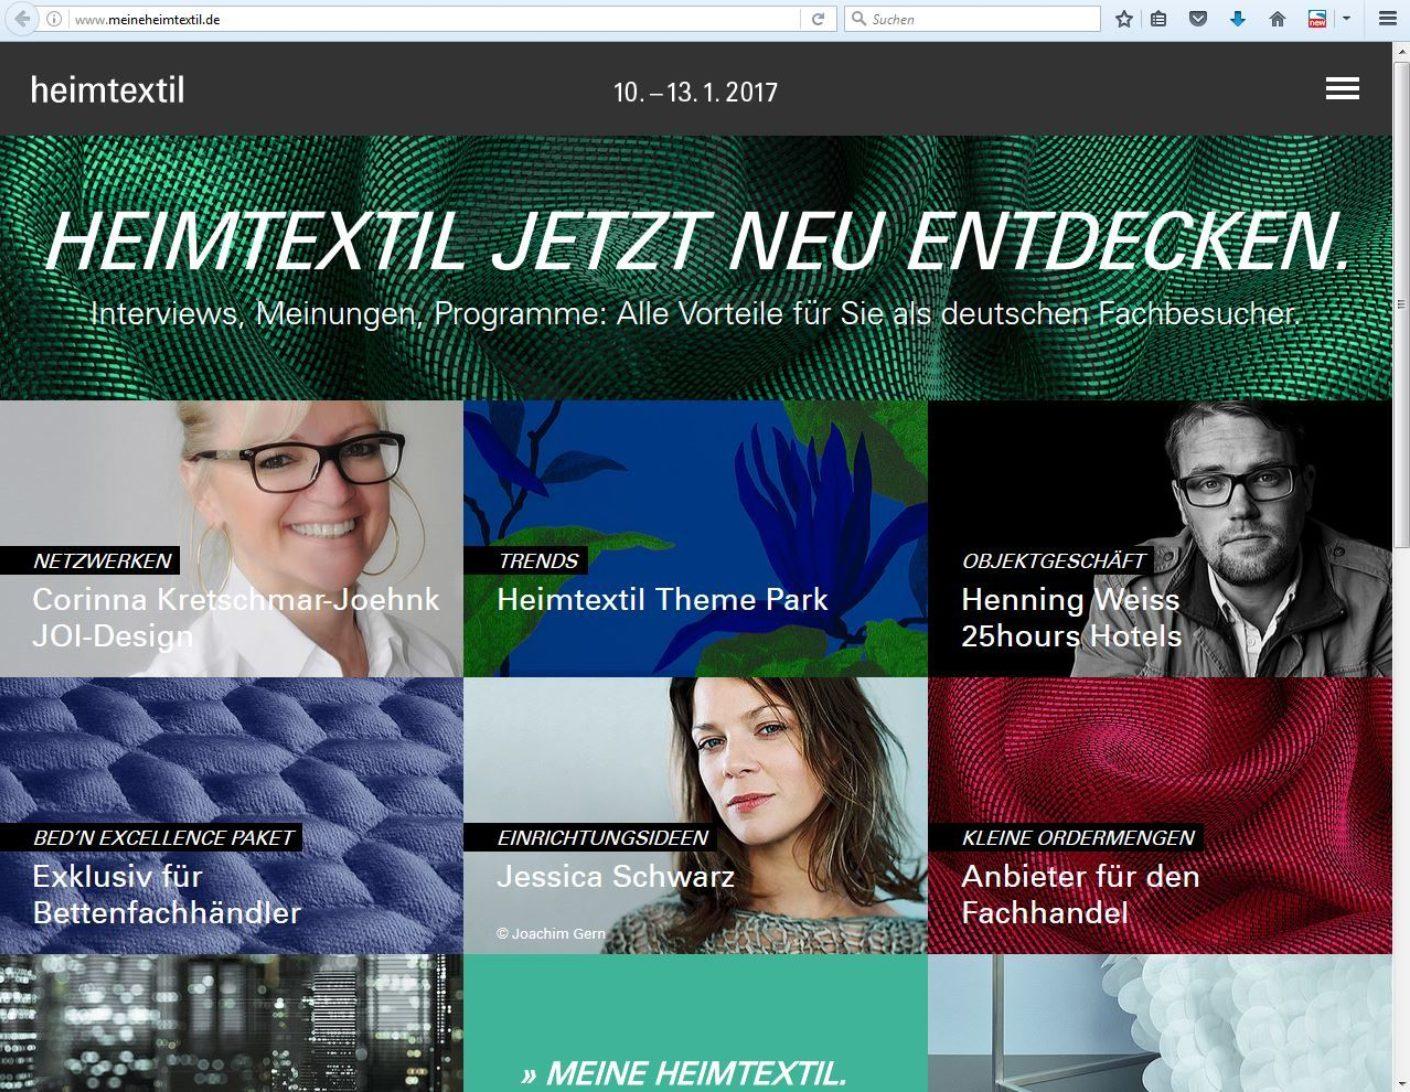 Für Innenarchitekten und Raumausstatter aus dem deutschsprachigen Raum bietet www.meineheimtextil.de einen ersten informativen Einstieg zur Heimtextil.